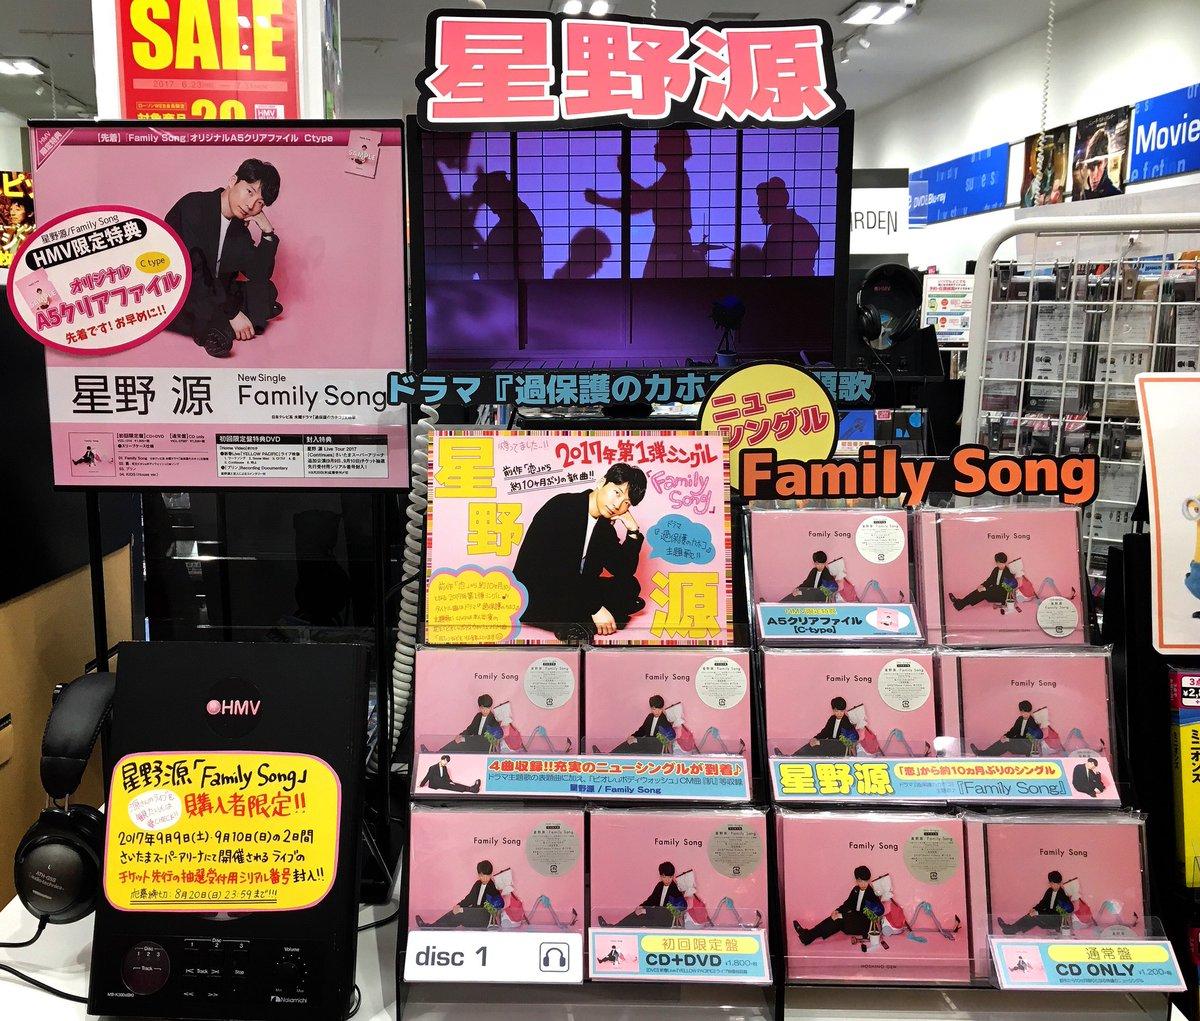 test ツイッターメディア - おはようございます!HMVららぽーと和泉オープンです! 【#星野源】ドラマ『過保護のカホコ』の主題歌「Family Song」発売中!HMV限定特典のオリジナルA5クリアファイルCtypeは、無くなり次第終了となりますのでお早めに(/・ω・)/ https://t.co/okHoTub8Zc